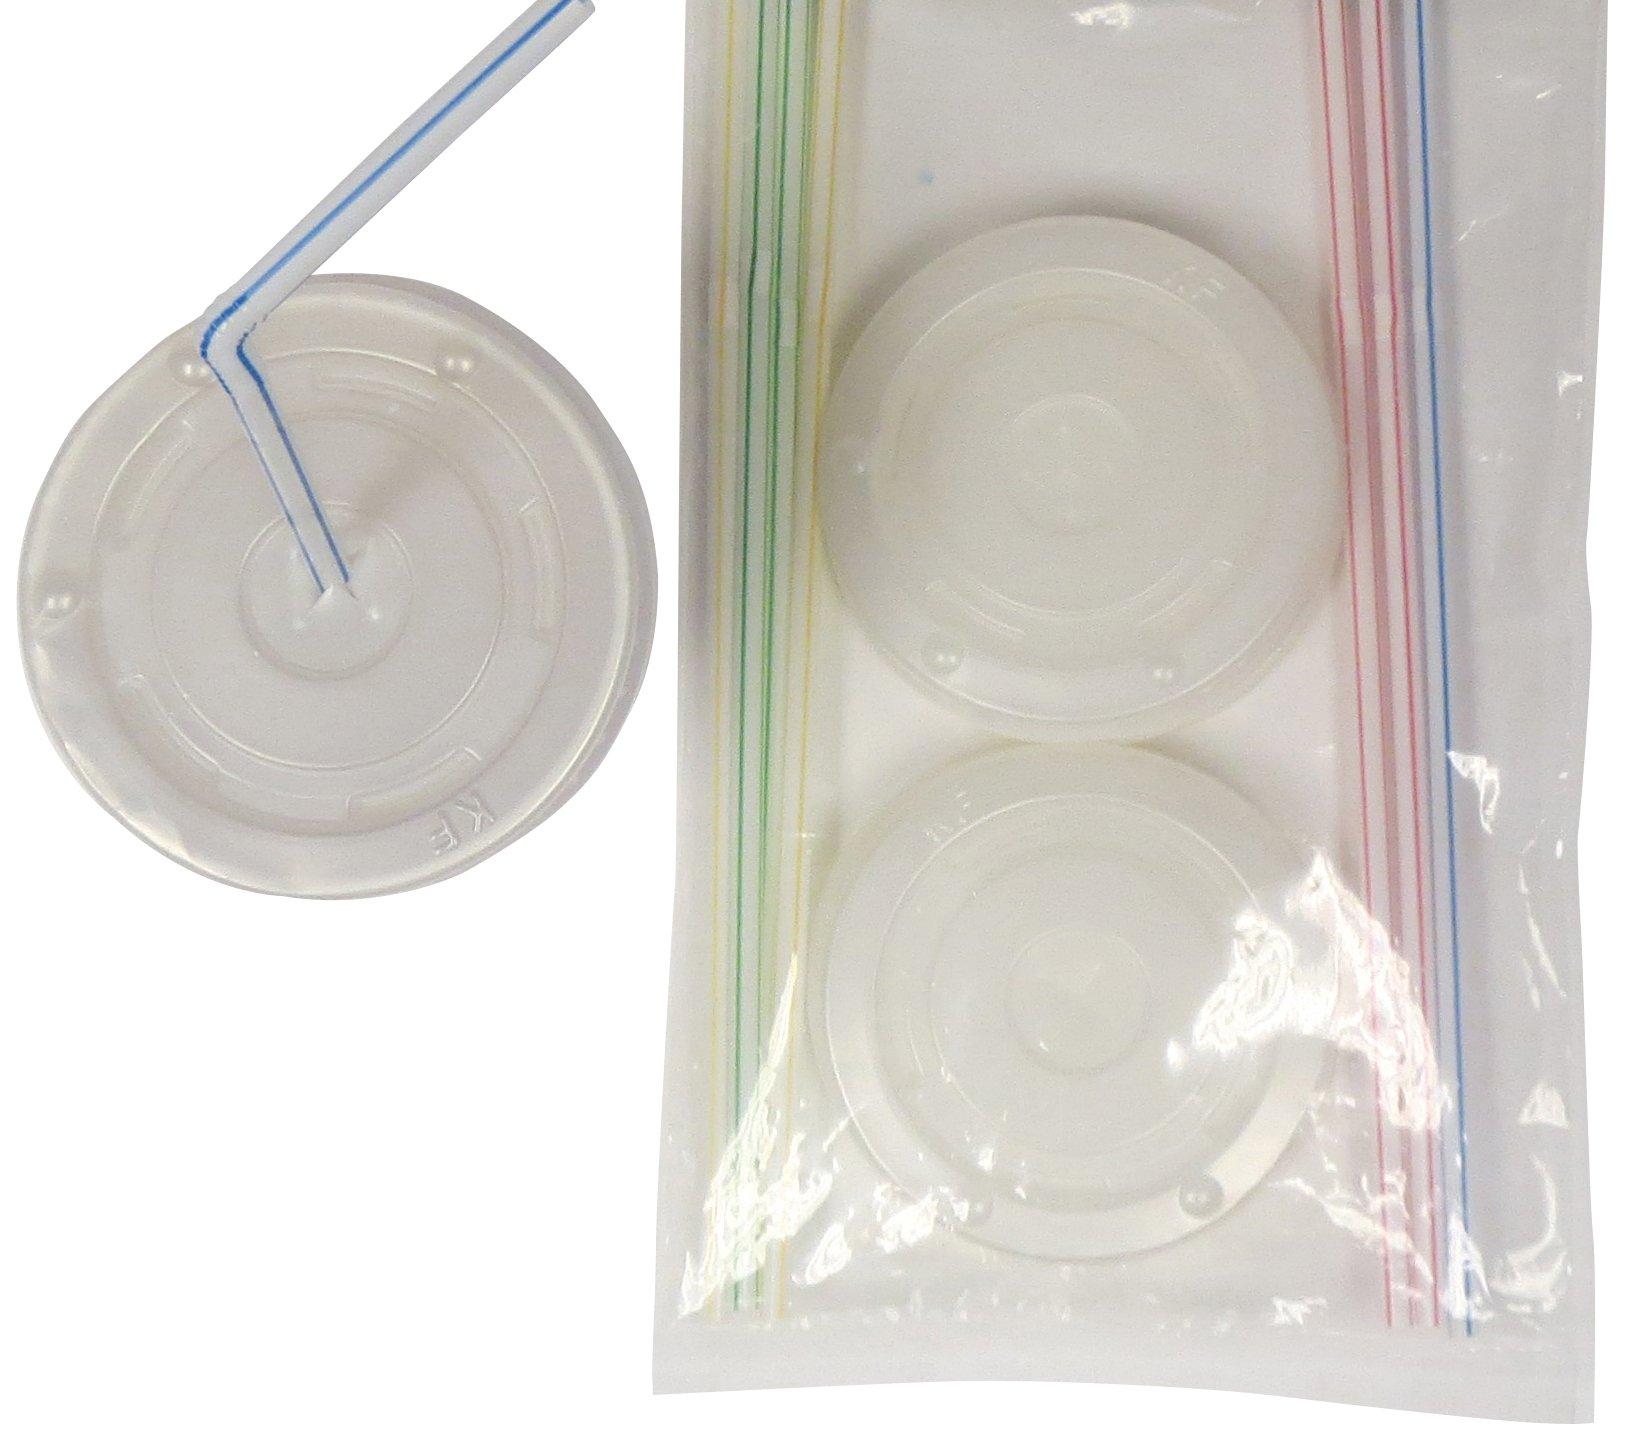 Amscan 4 tazze coperchi e cannucce